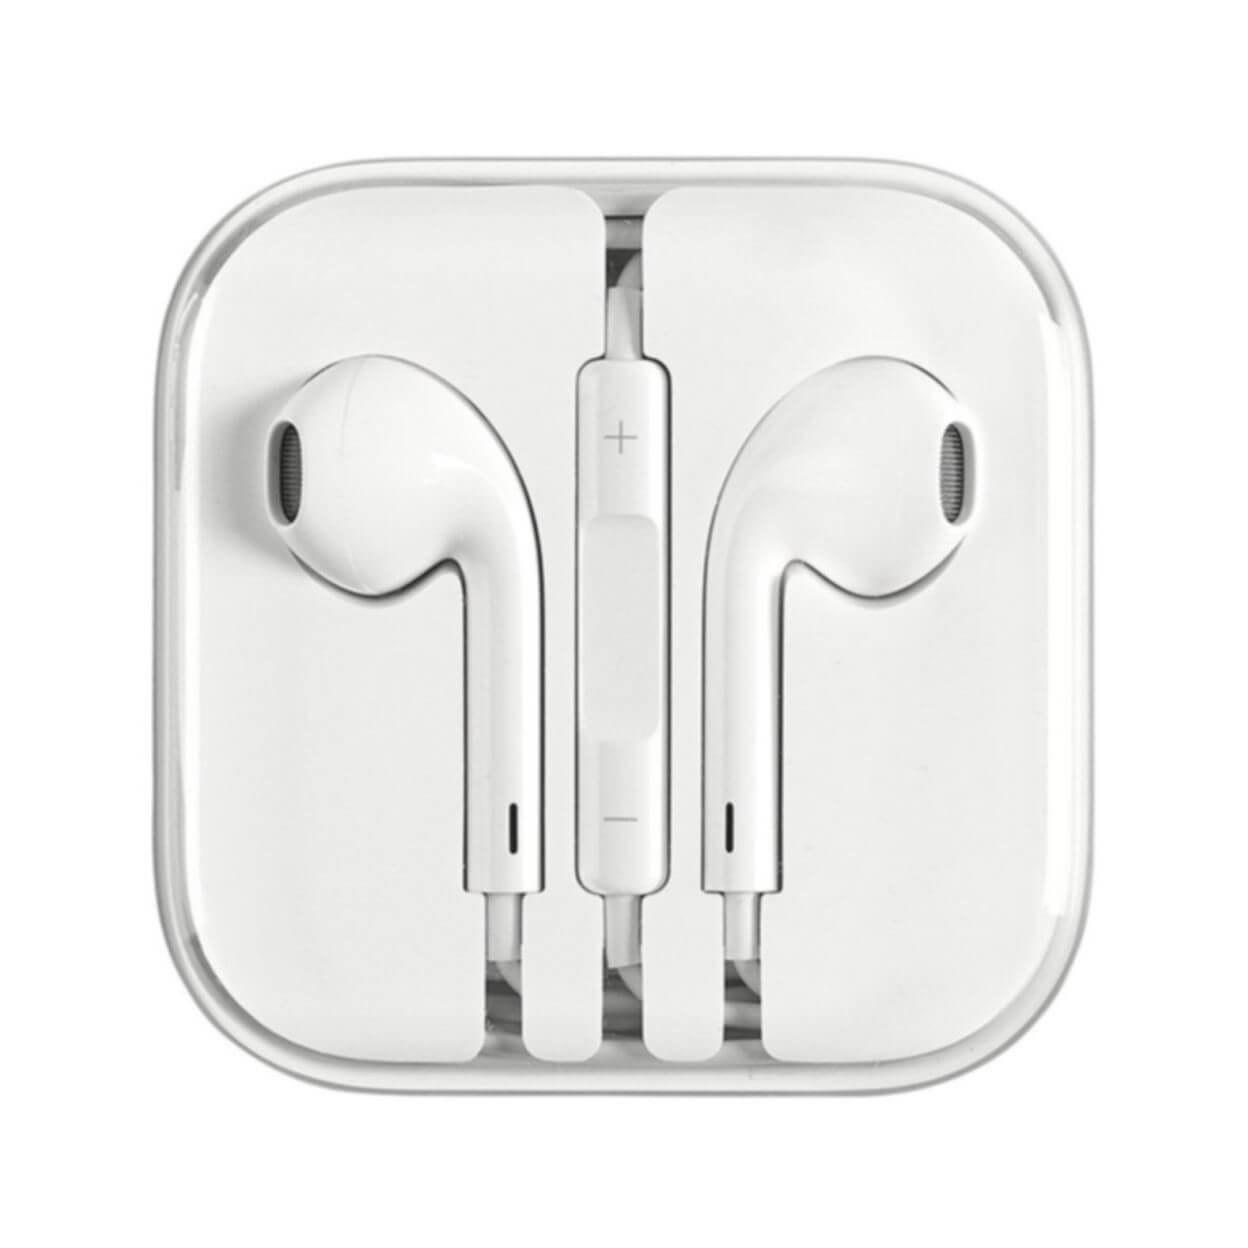 عکس هدفون اپل EarPods (های کپی)  هدفون-اپل-earpods-های-کپی